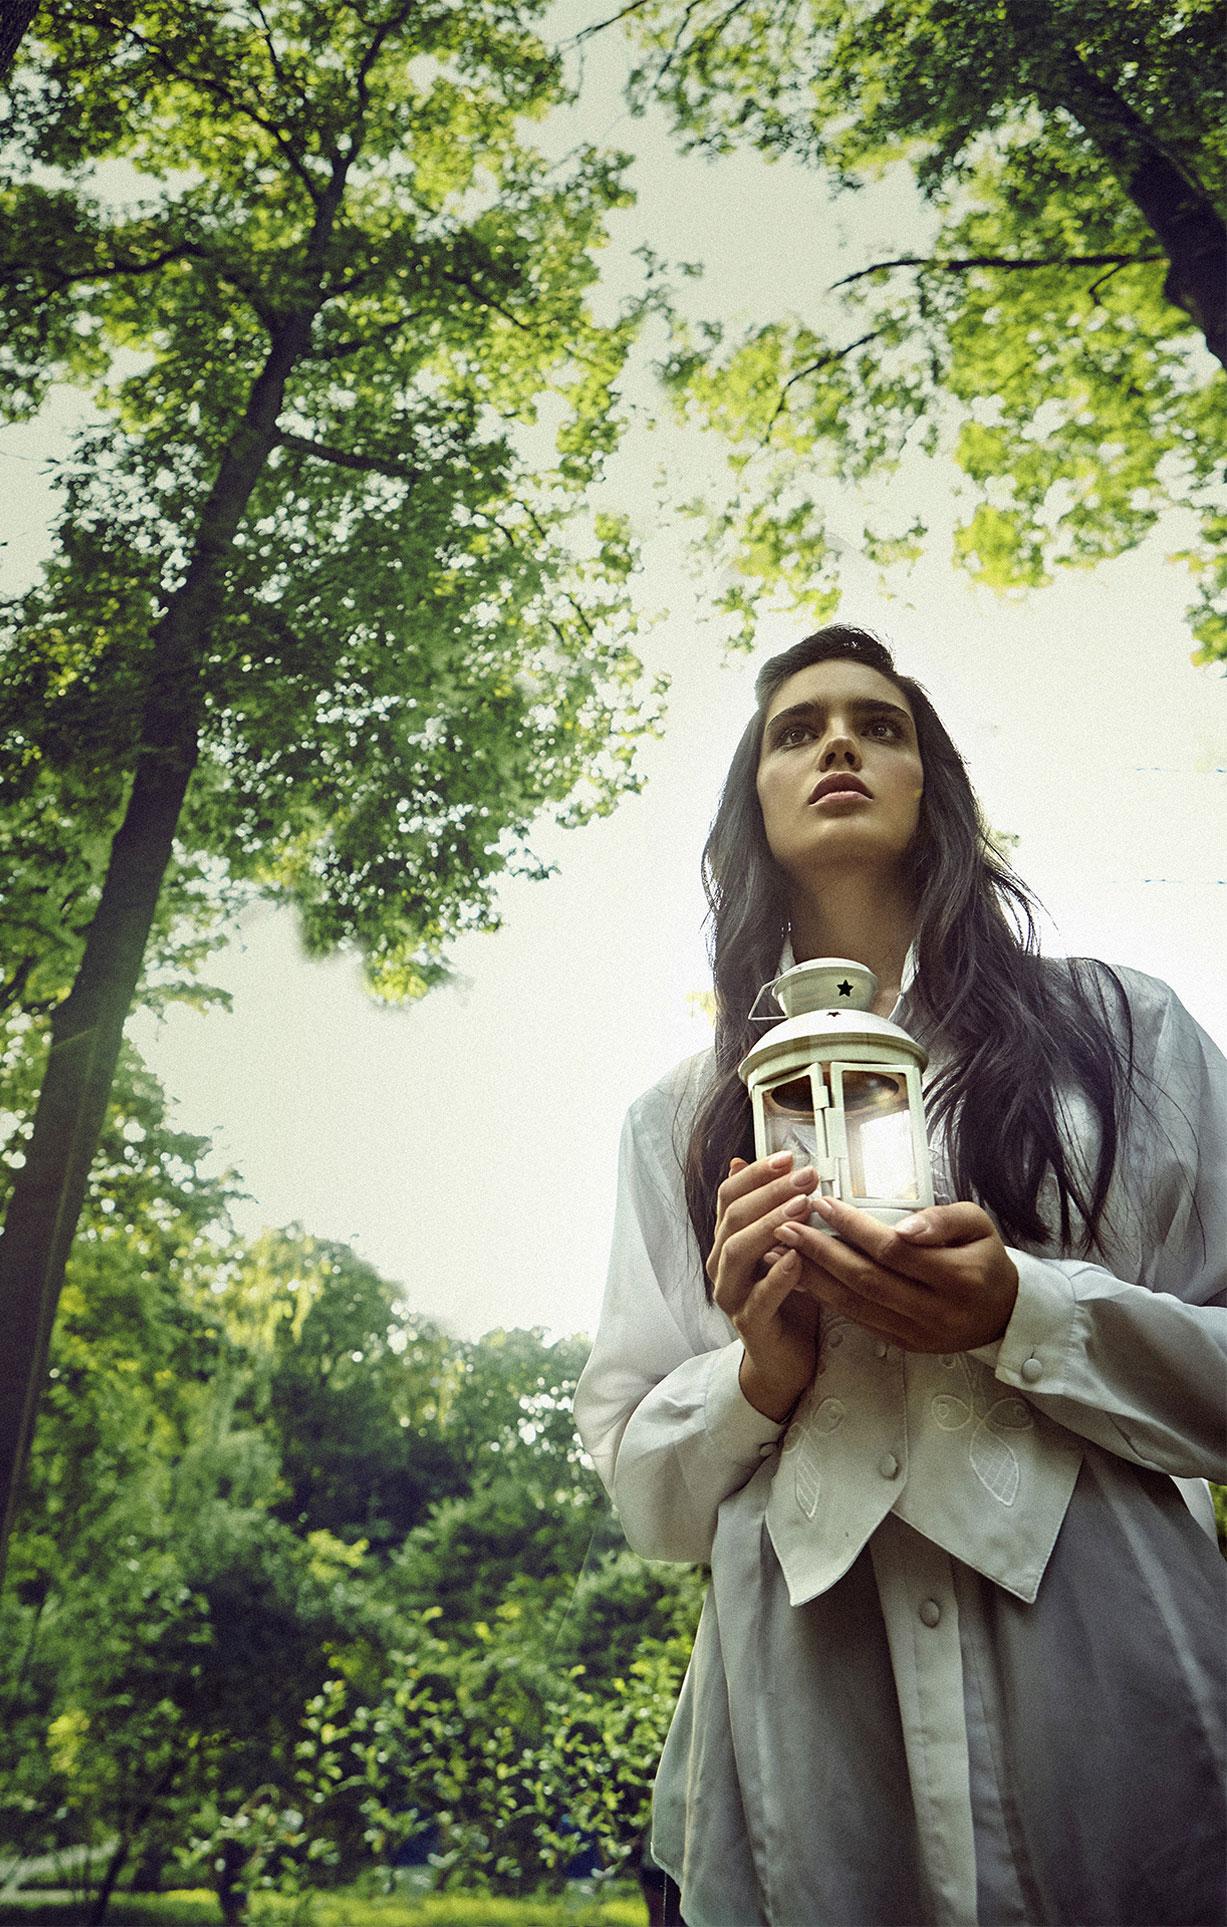 Анастасия Твердохлебова в лабиринте киевского Ботанического сада / фото 0